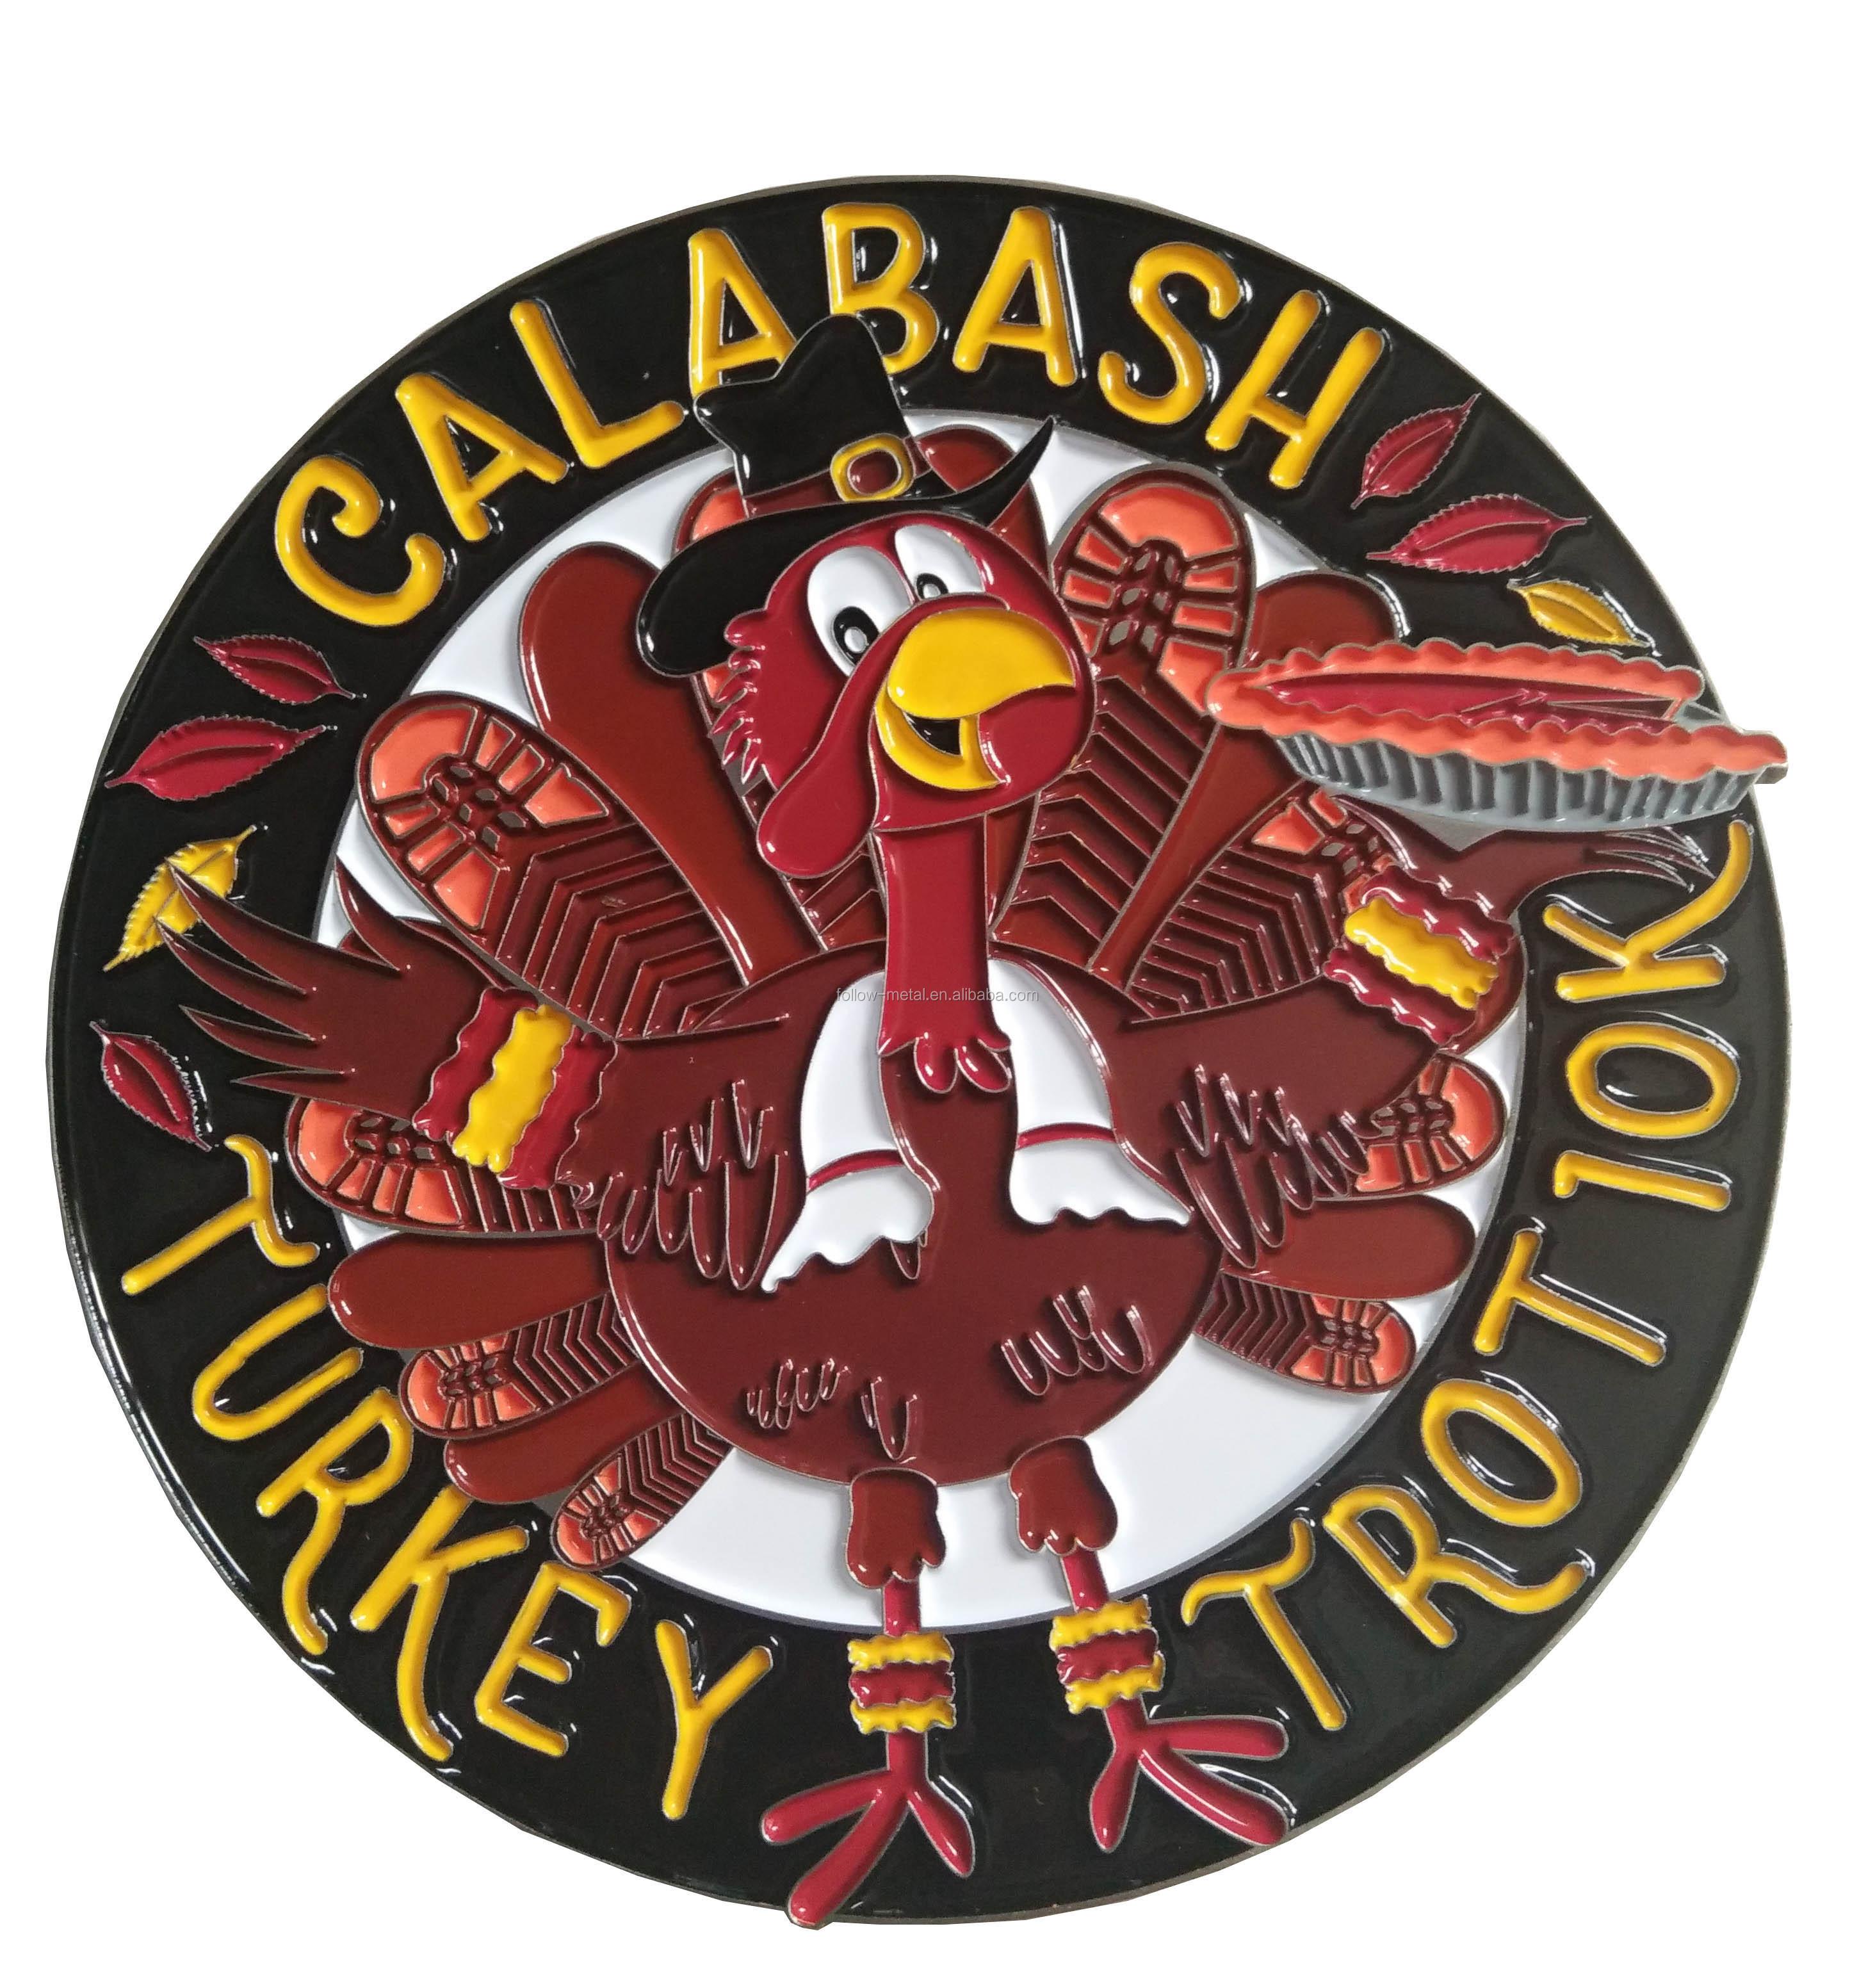 TURKEY TROT RUN ของที่ระลึกเหรียญนุ่มเคลือบ